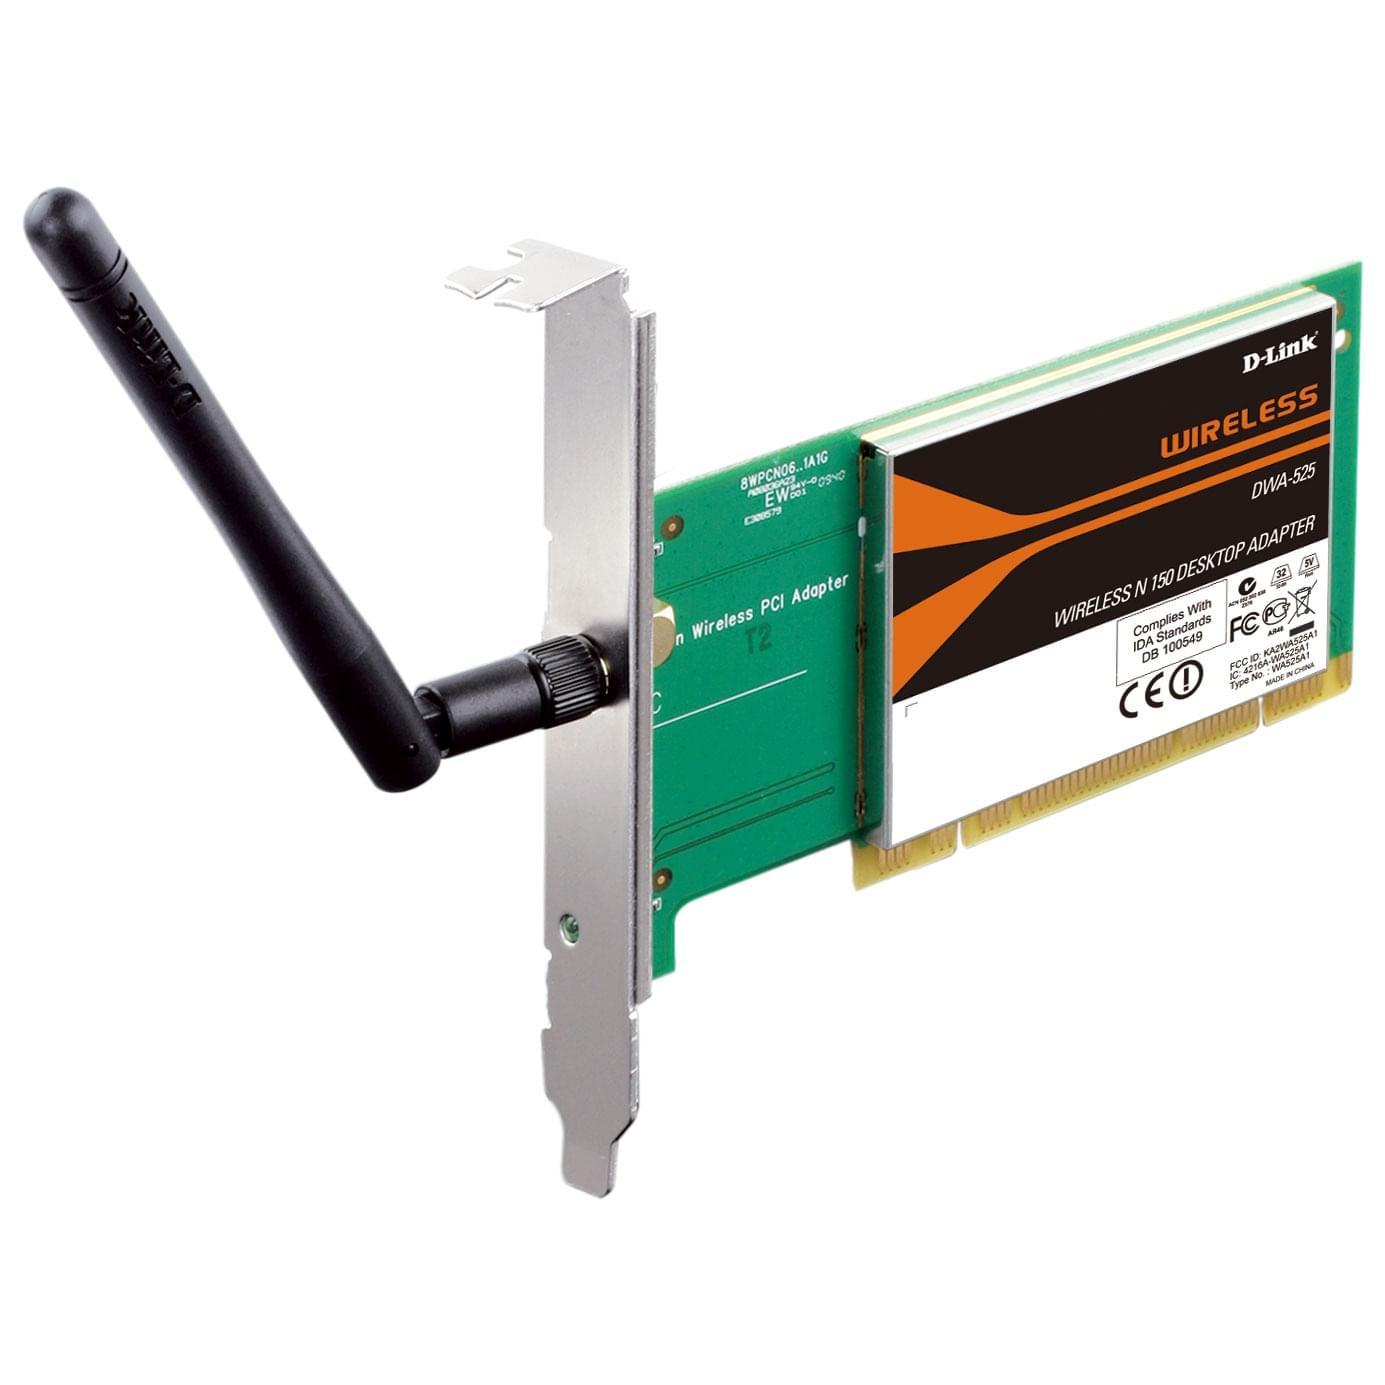 D-Link PCI WiFi 802.11N DWA-525 (150MB) (DWA-525) - Achat / Vente Carte Réseau sur Cybertek.fr - 0